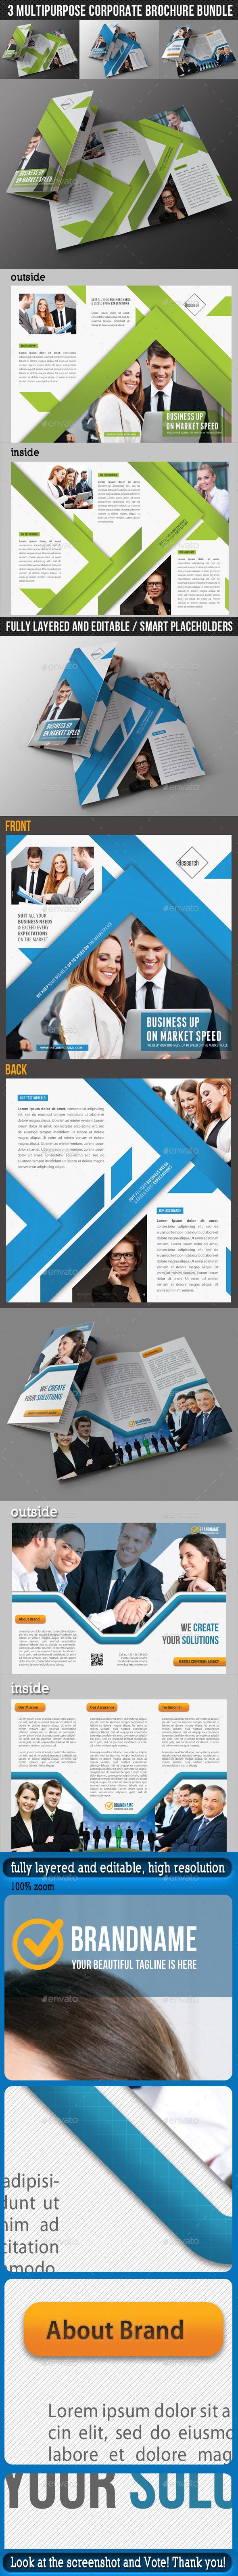 3 in 1 Corporate Brochure Bundle 03 - Corporate Brochures